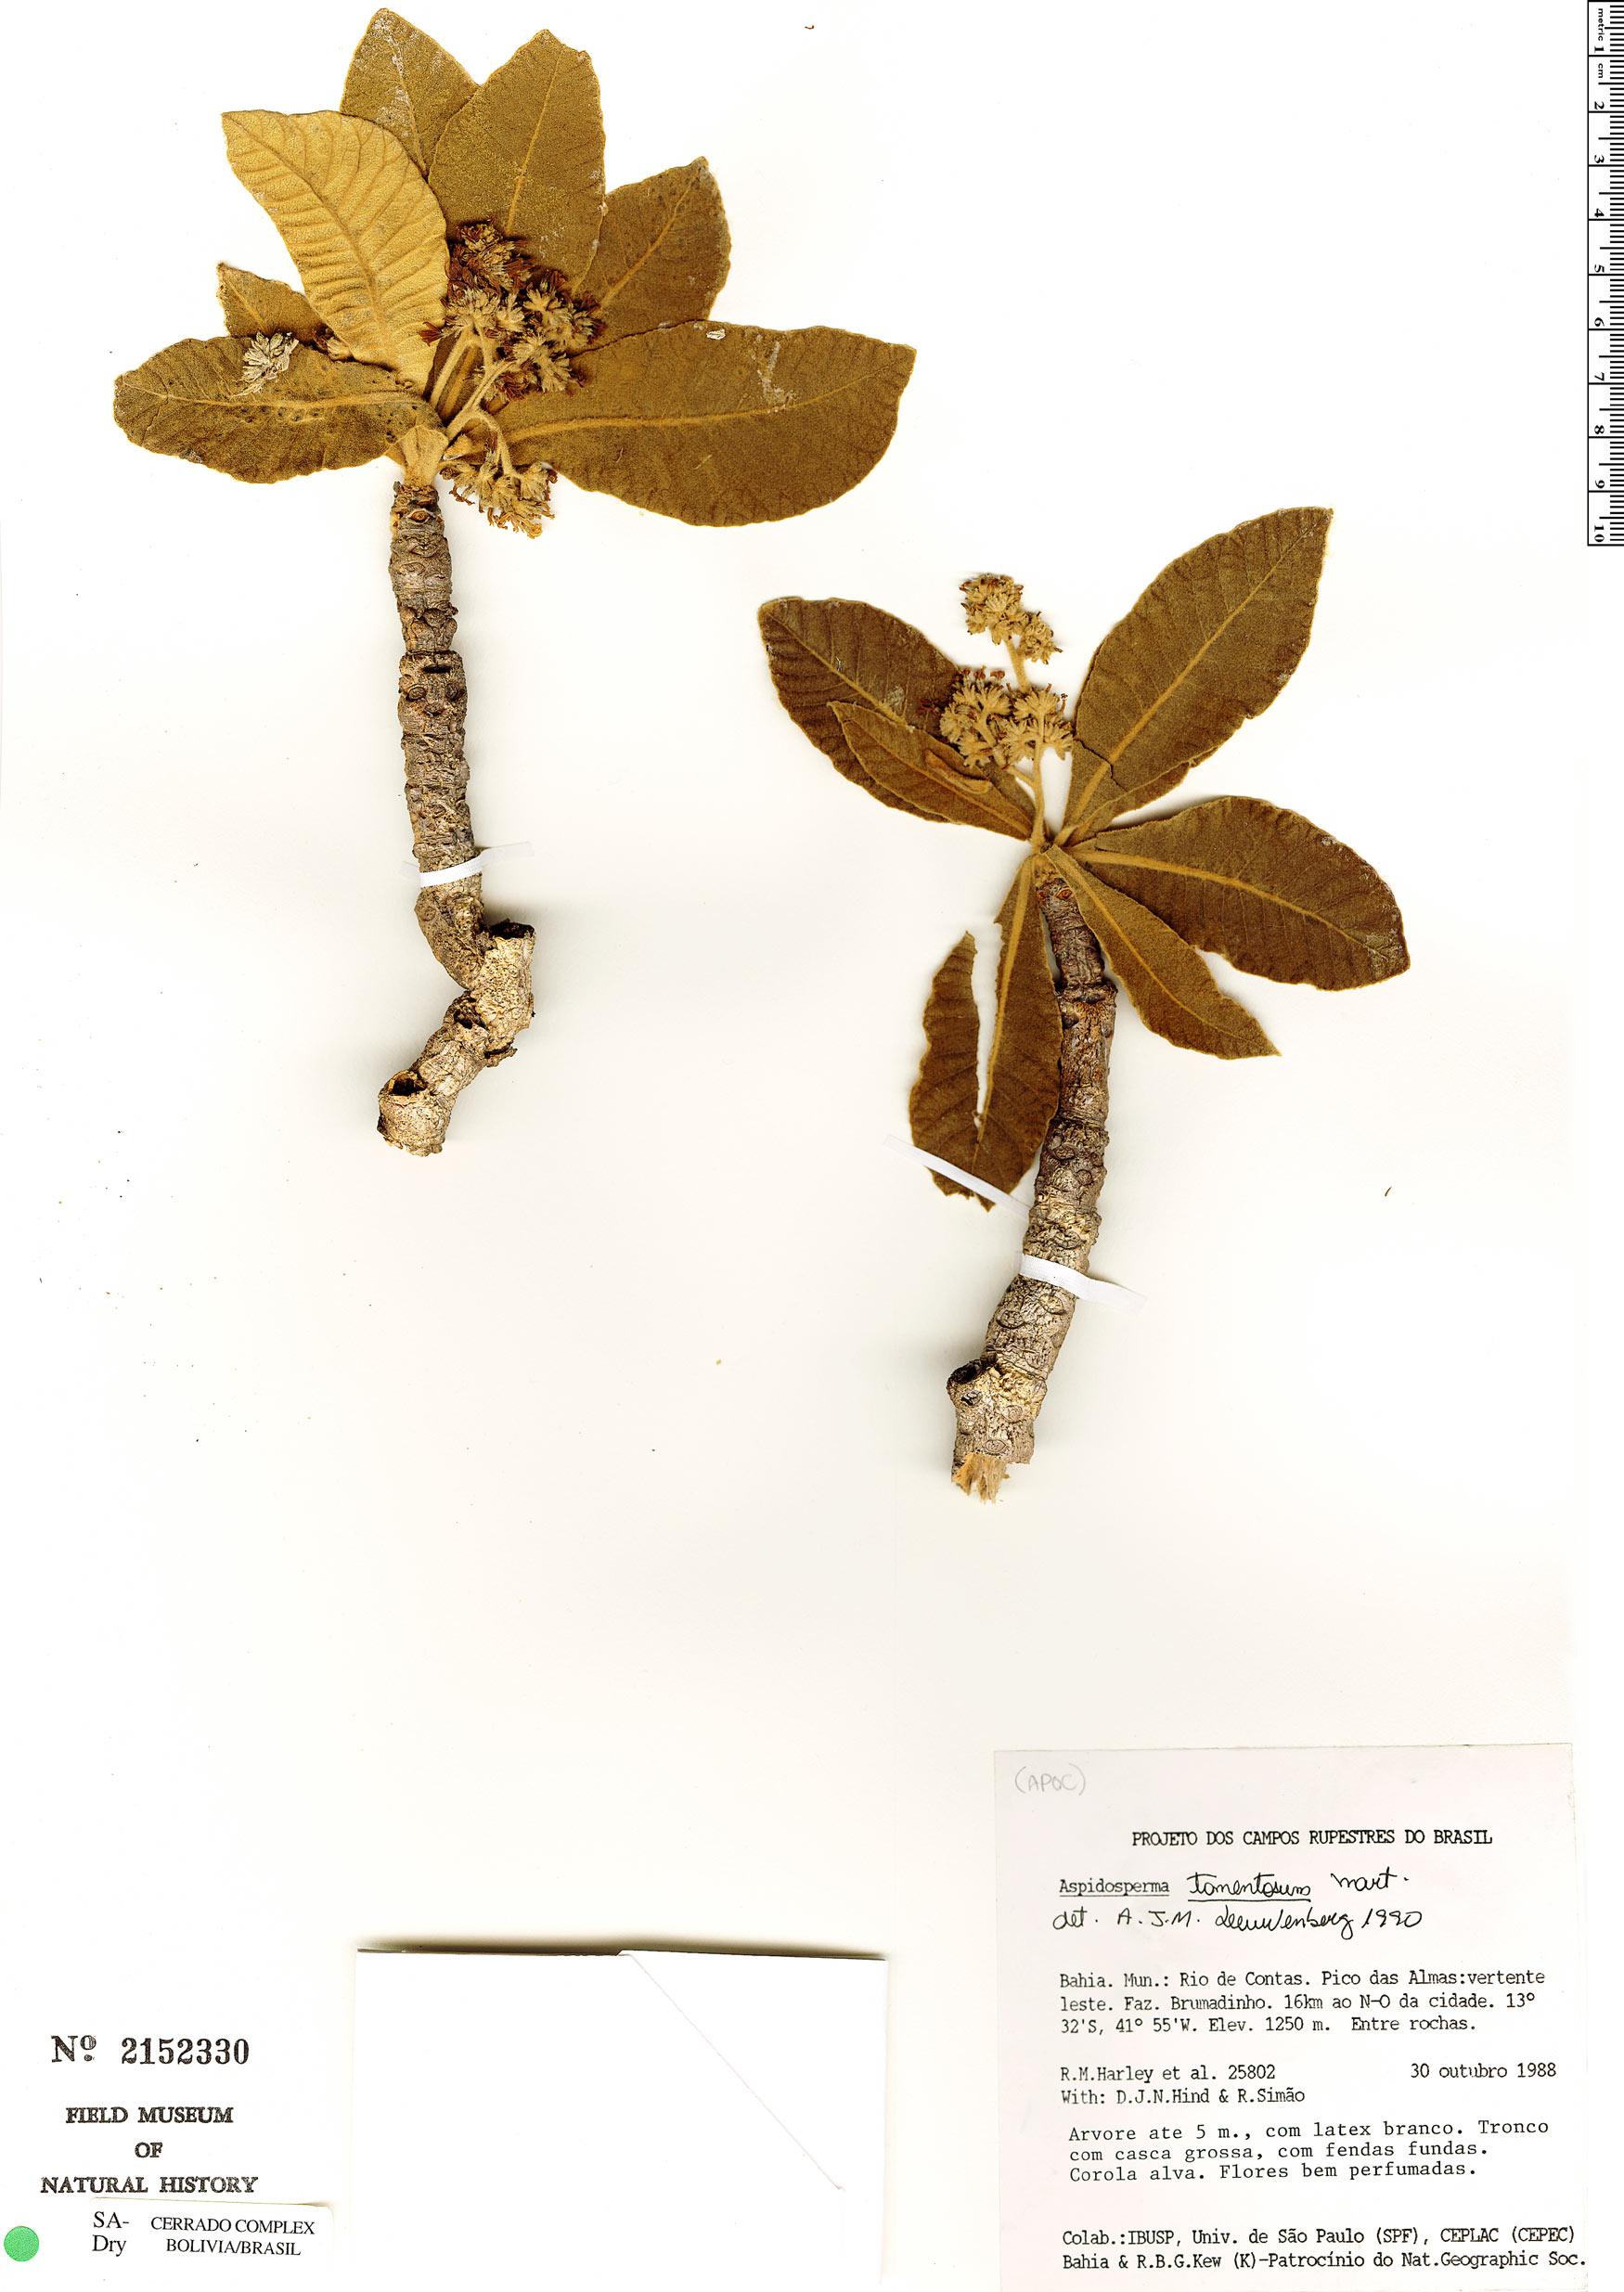 Specimen: Aspidosperma tomentosum